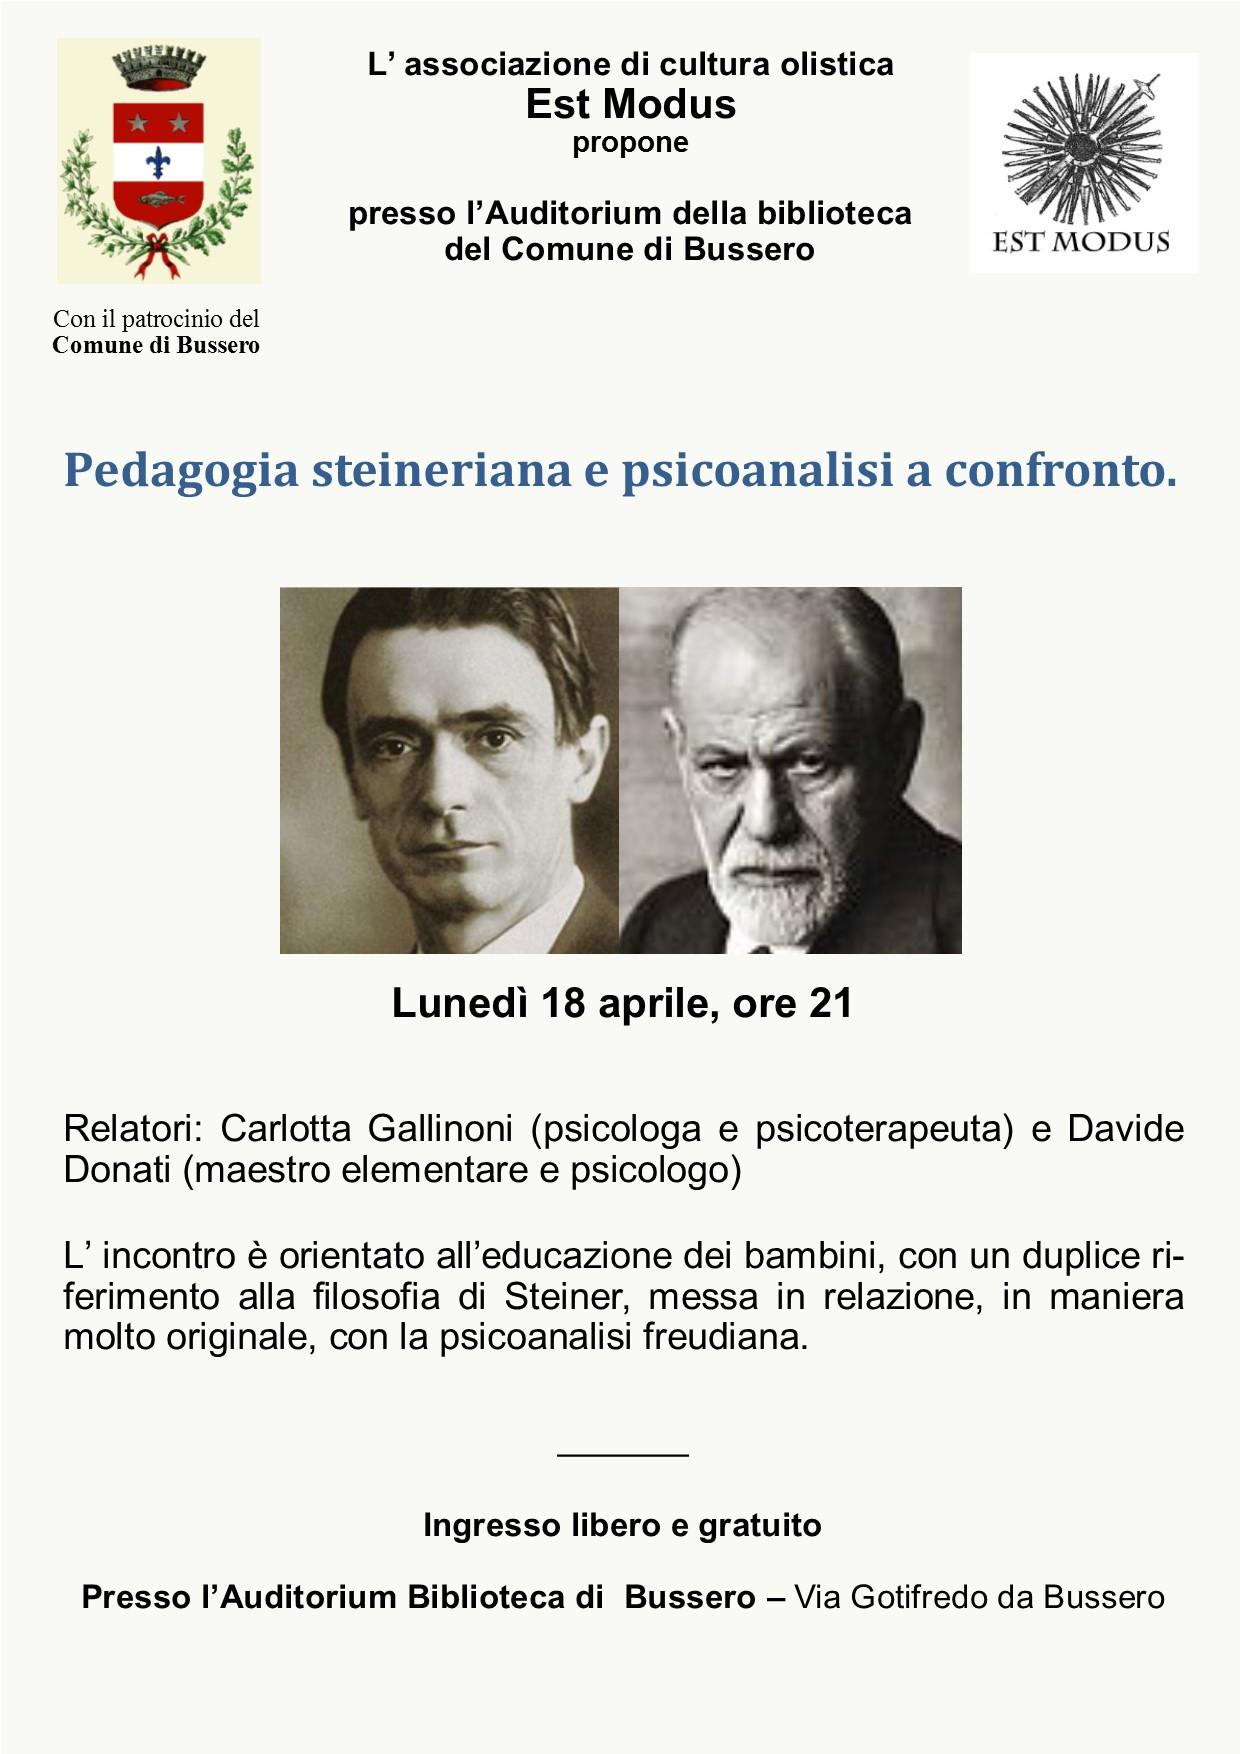 Lunedì 18 Aprile ore 21:00 – BUSSERO – Pedagogia steineriana e psicoanalisi a confronto.